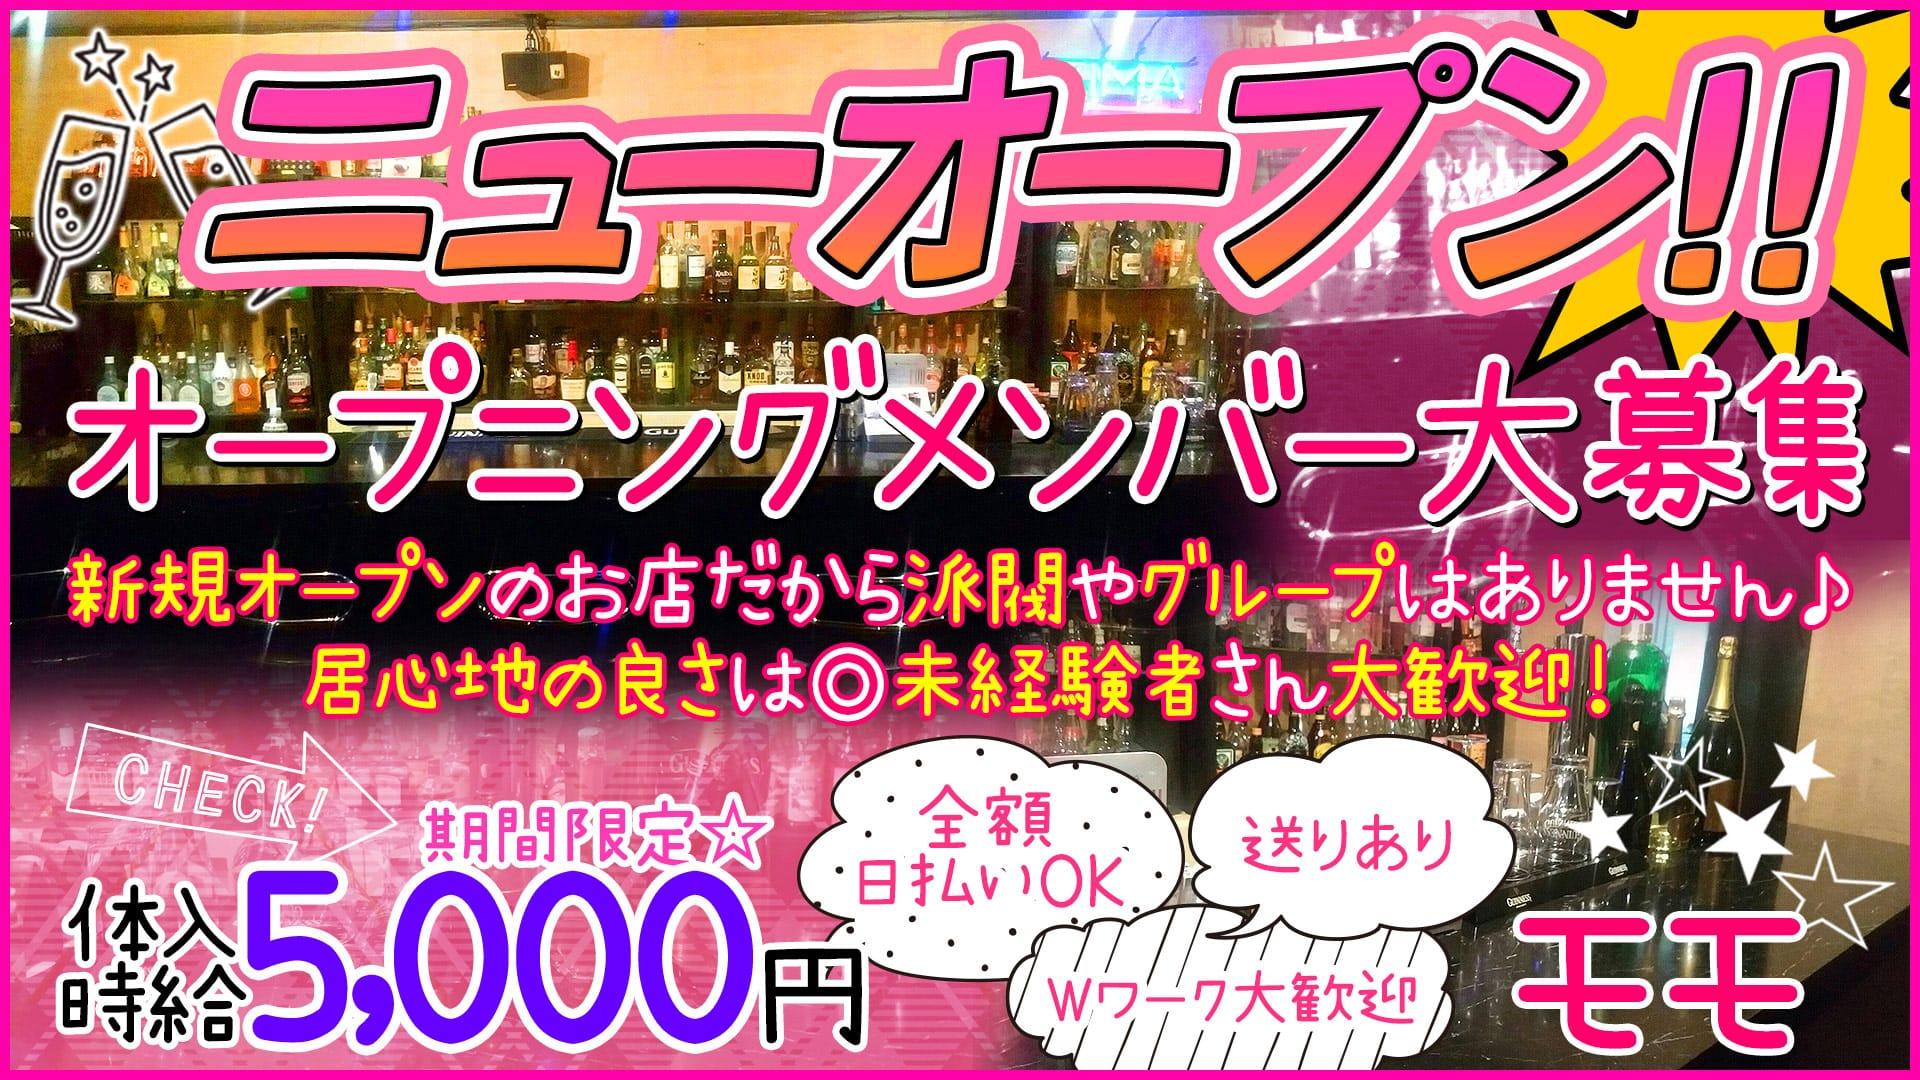 モモ 歌舞伎町 ガールズバー TOP画像